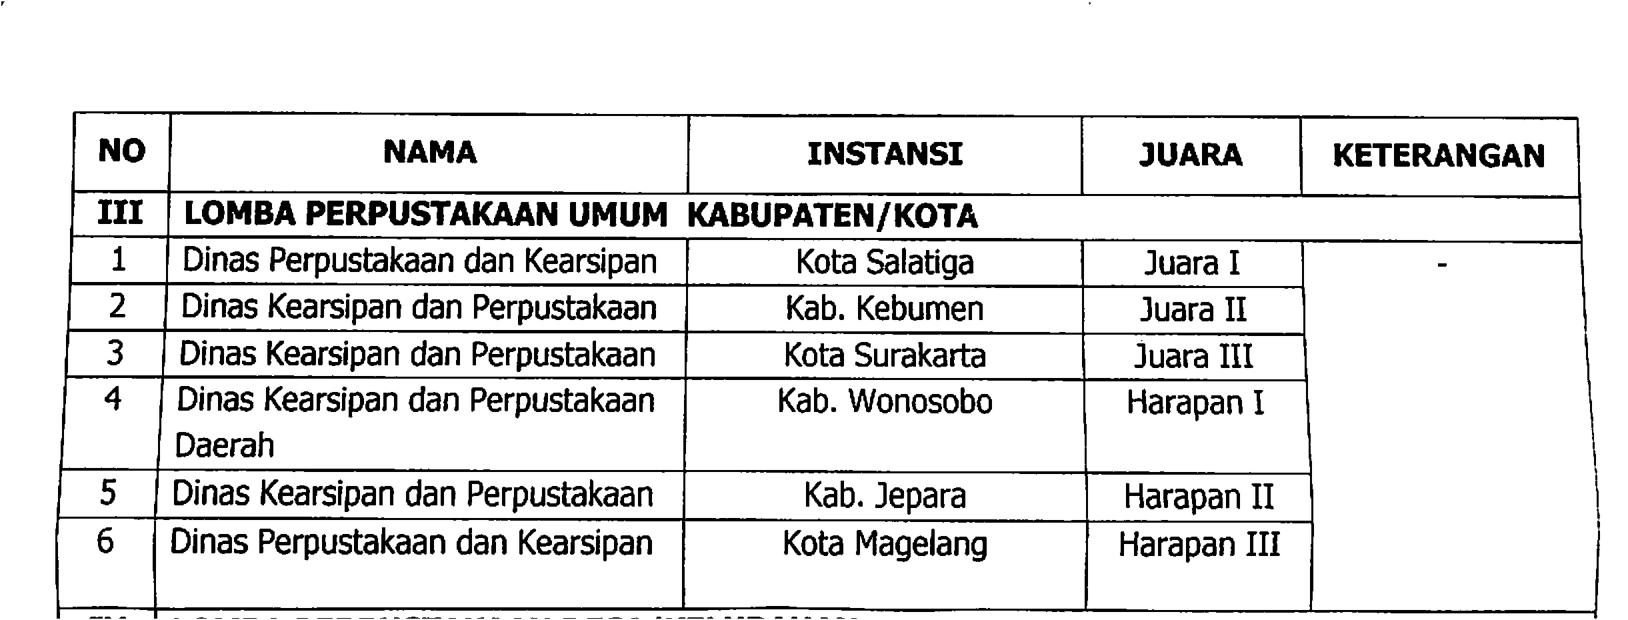 Perpustakaan Daerah Kebumen menjadi Perpustakaan umum Kabupaten/kota Terbaik kedua Di Tingkat Provinsi Jawa Tengah Tahun 2019.